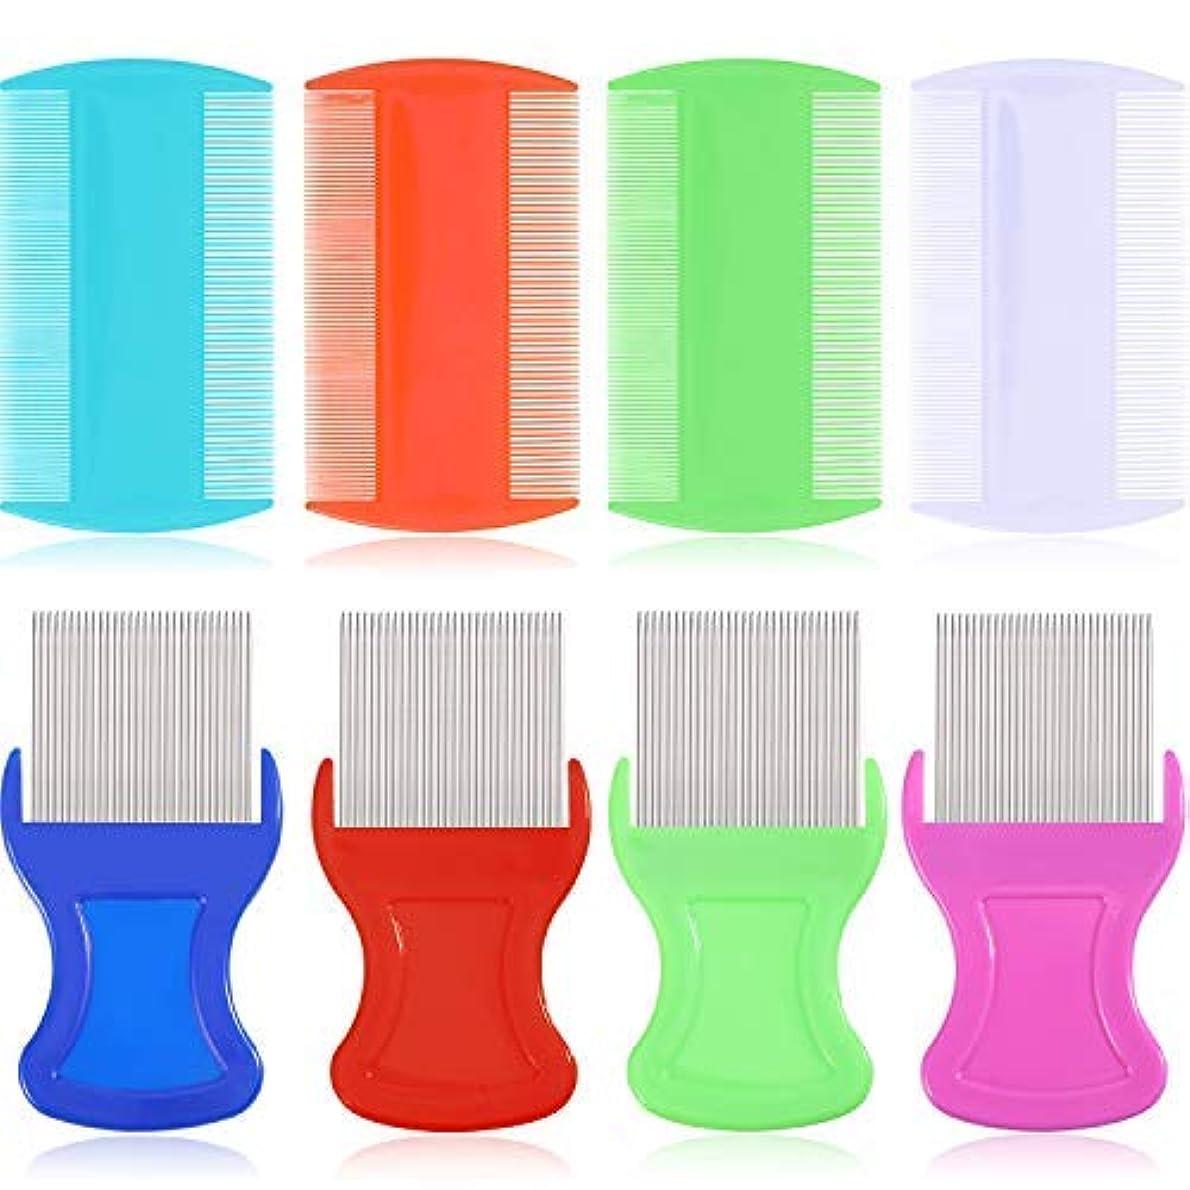 郊外道徳再現する8 Pieces Flea Lice Comb Lice Removal Combs Include 4 Pieces Nit Remover with Metal Teeth and 4 Pieces Double Sided...